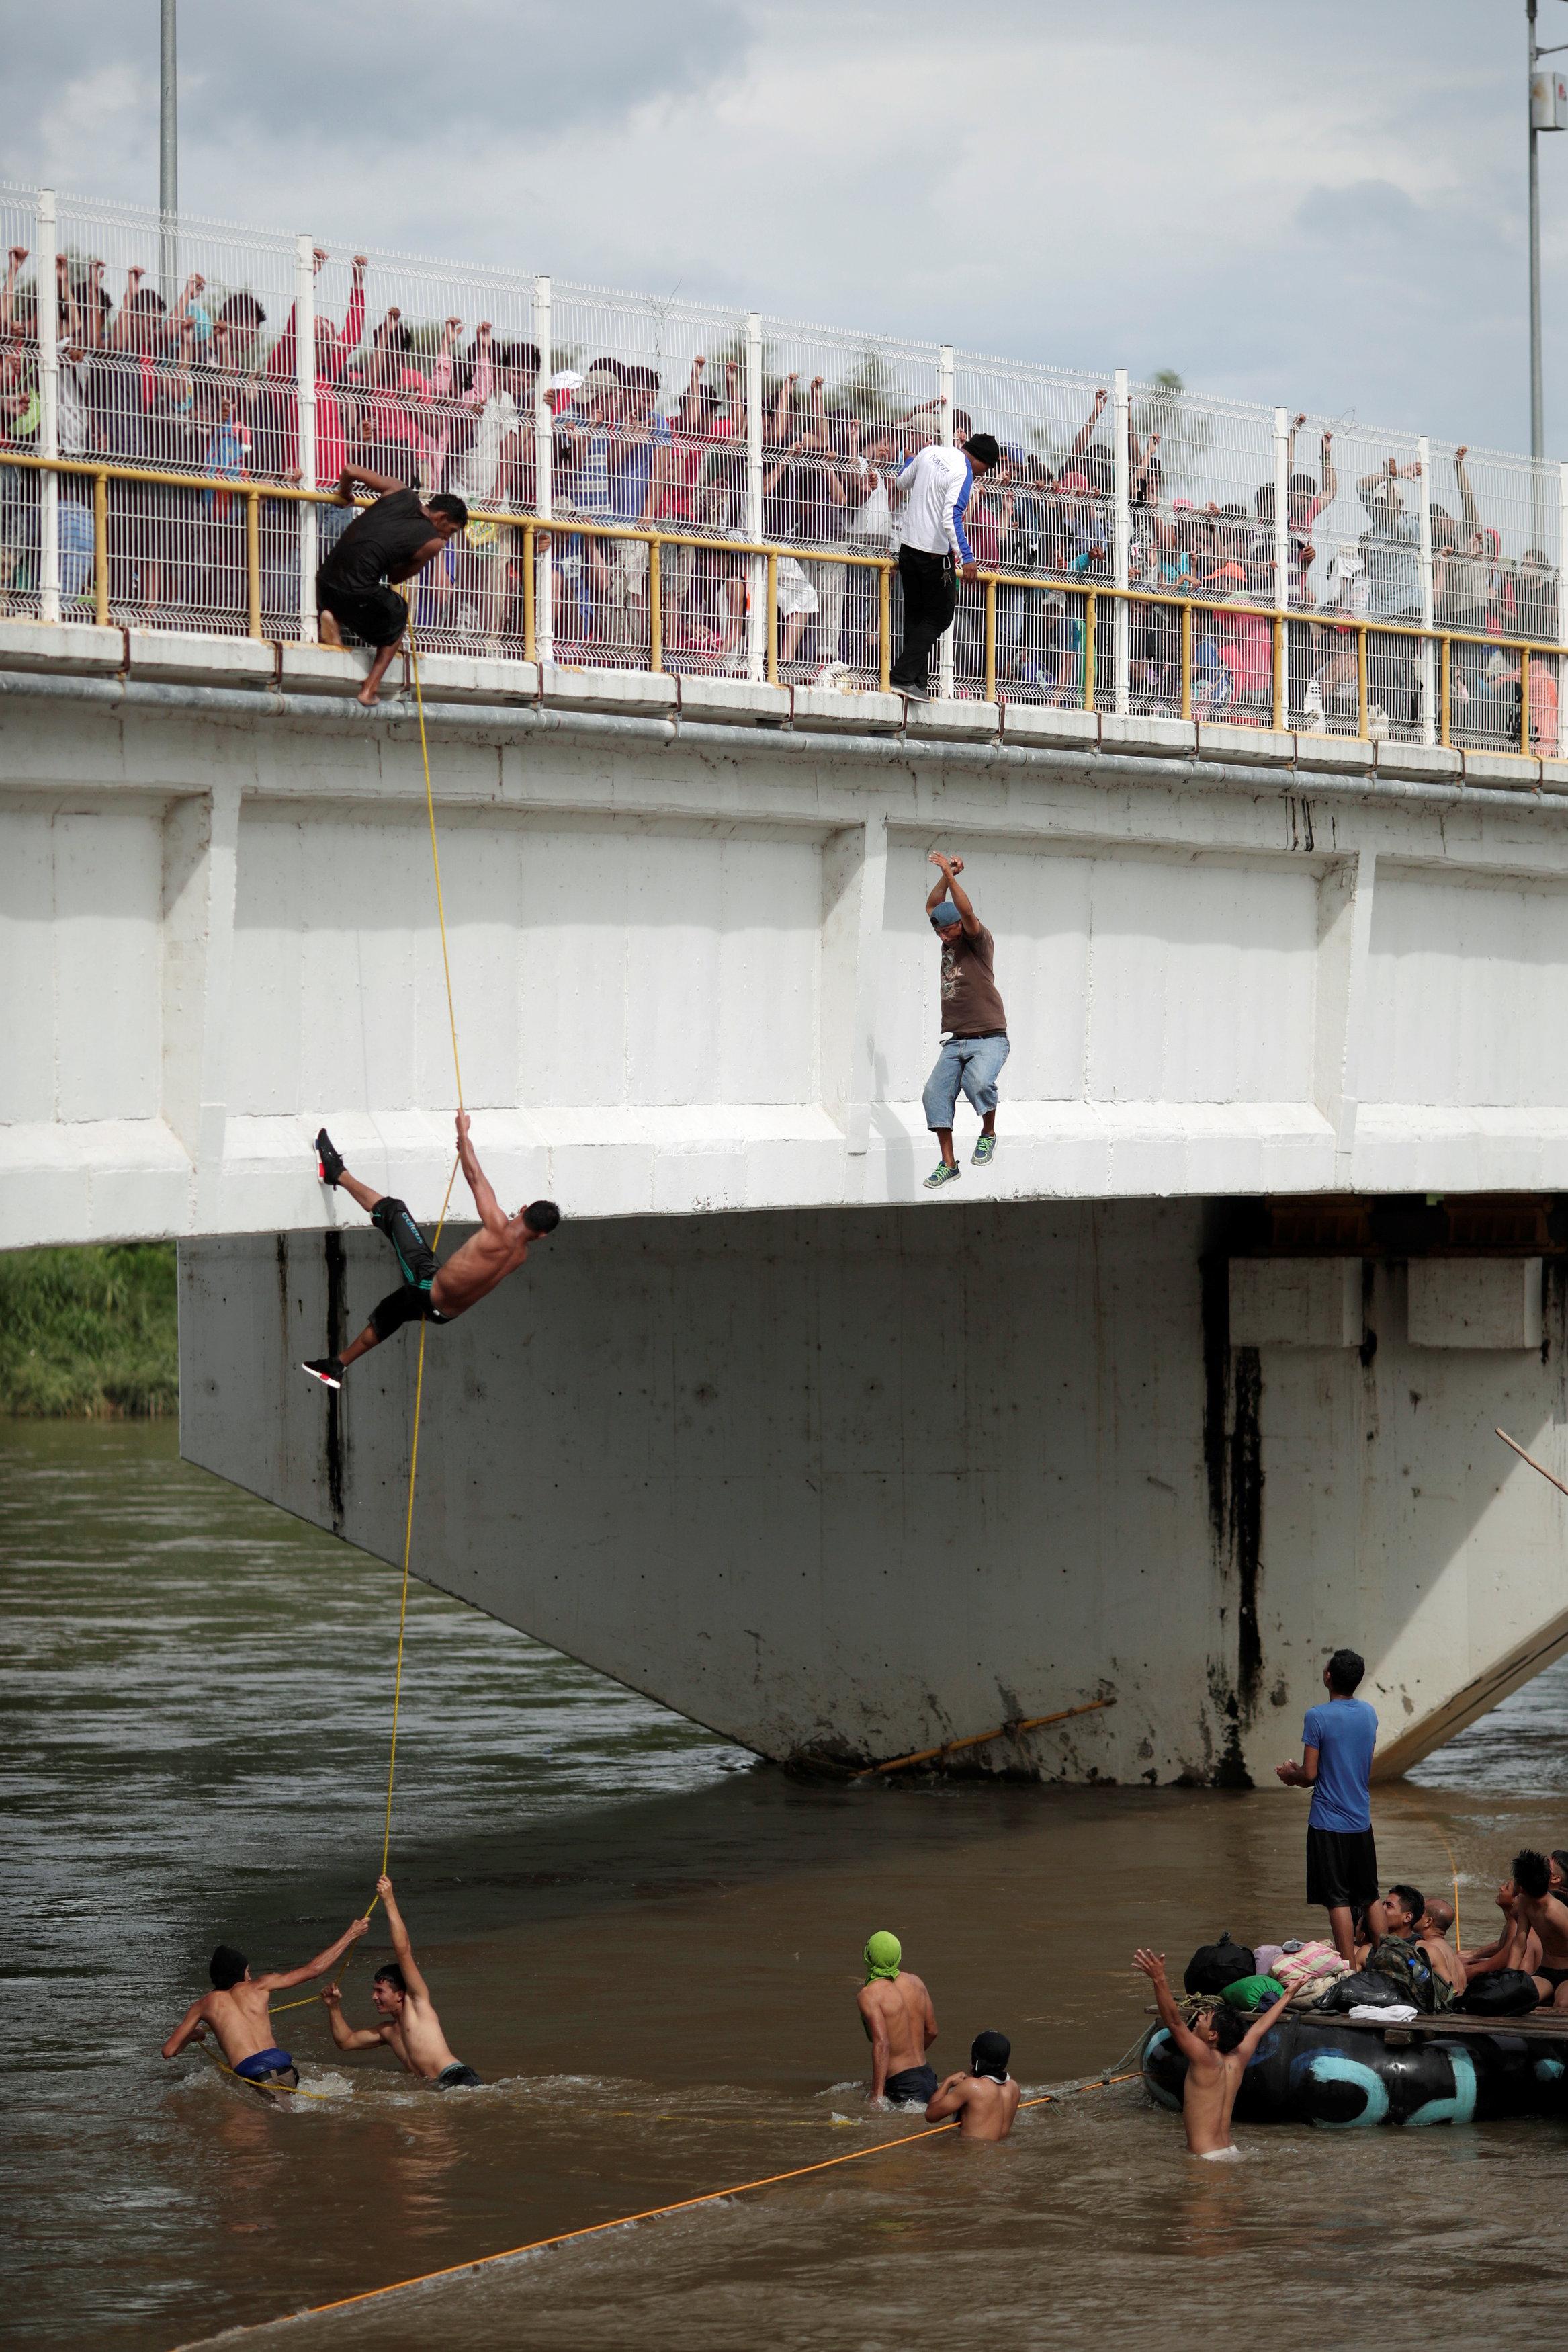 القفز فى المياه للهرب إلى الولايات المتحدة